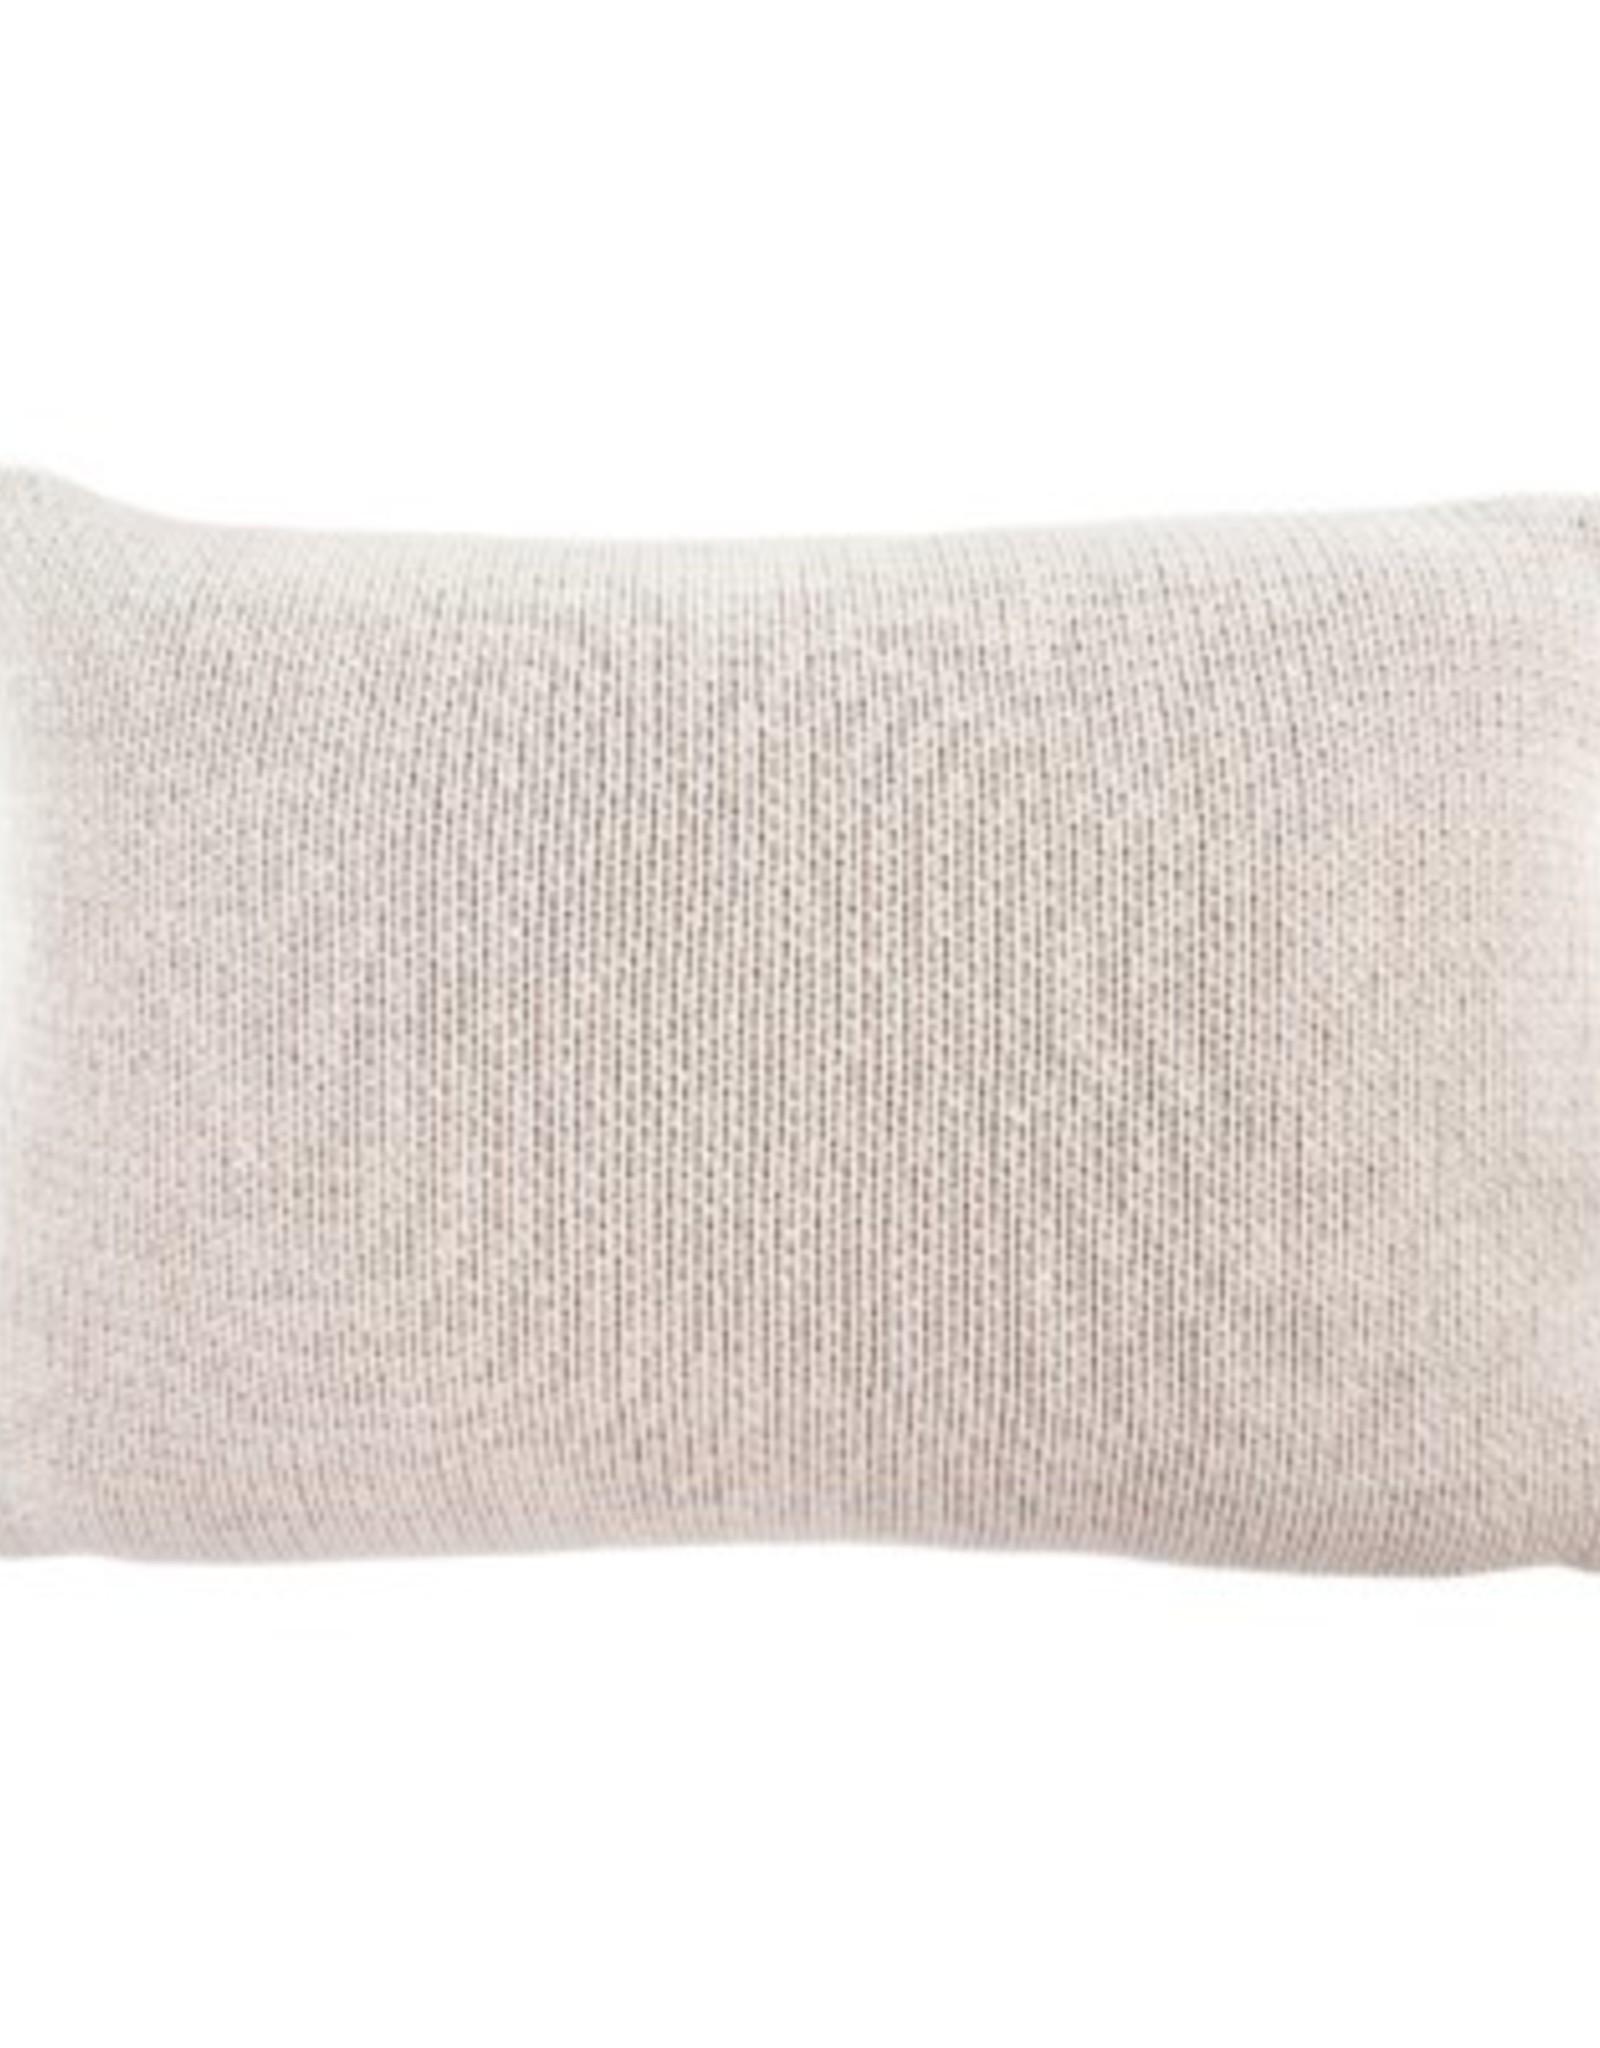 Indaba Cushions Indaba Cotton Knit Lavender 16 x 24